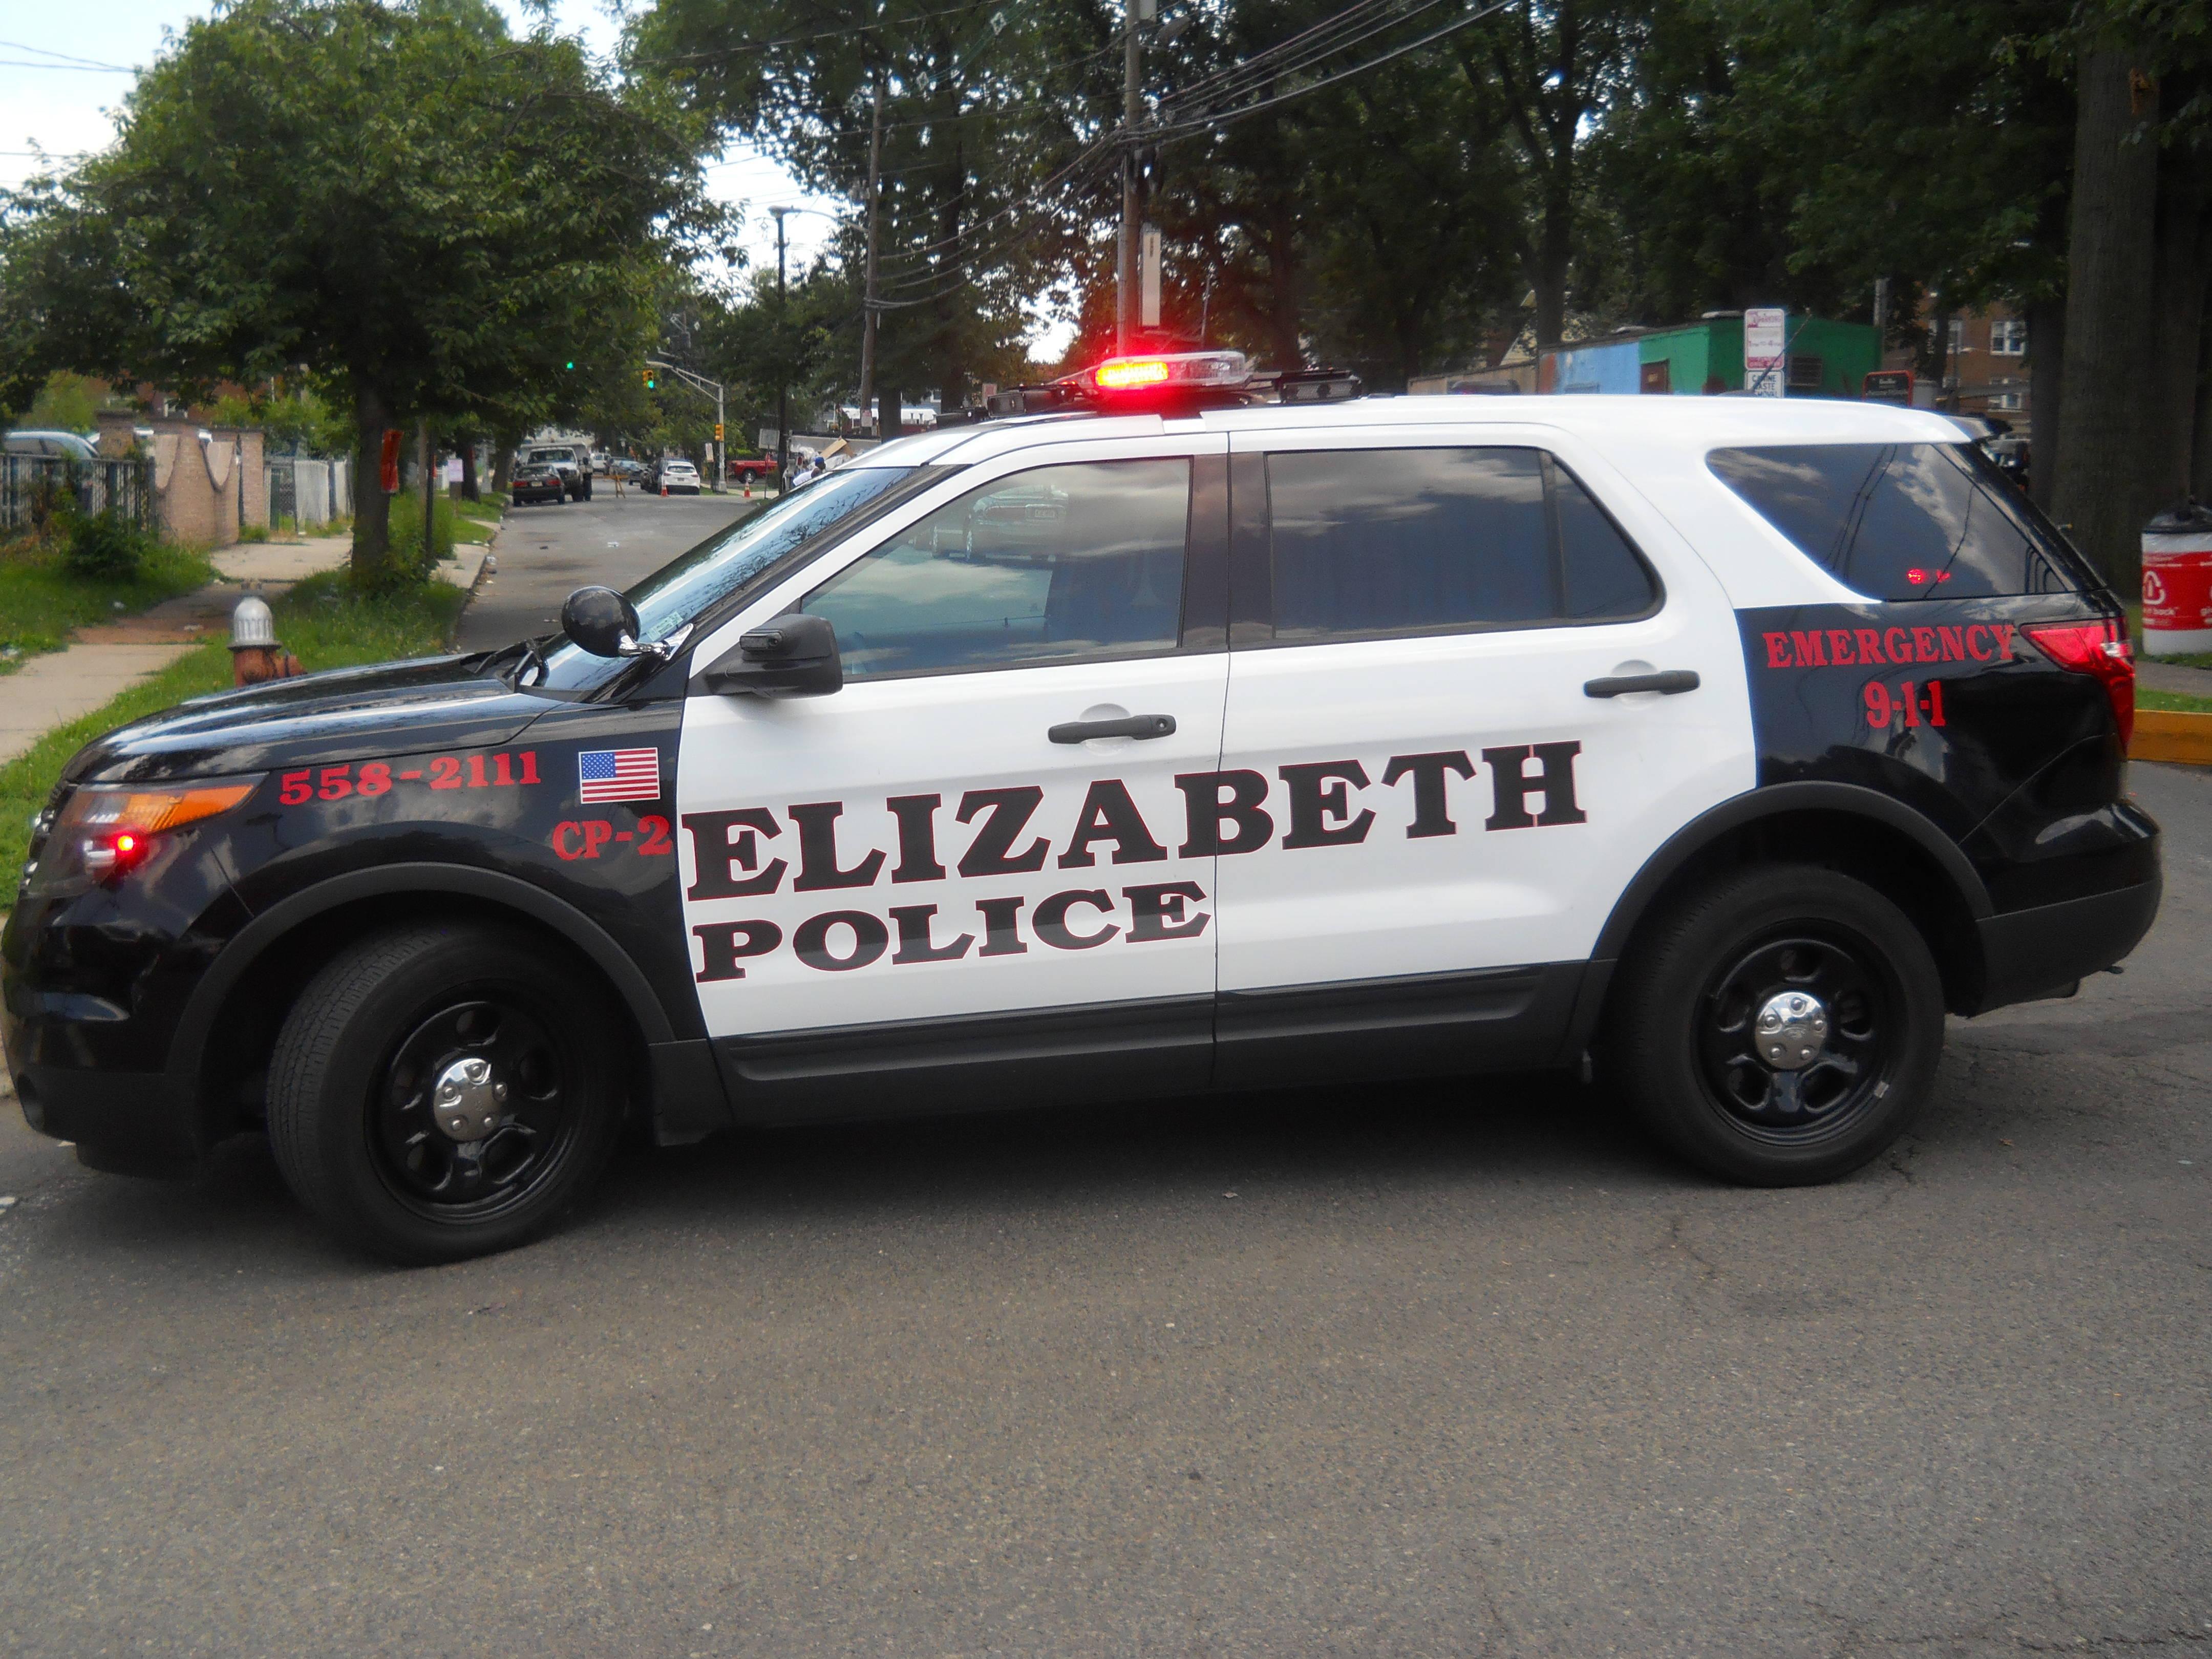 7f4f2c2820c256f34bde_Police_Car.jpg